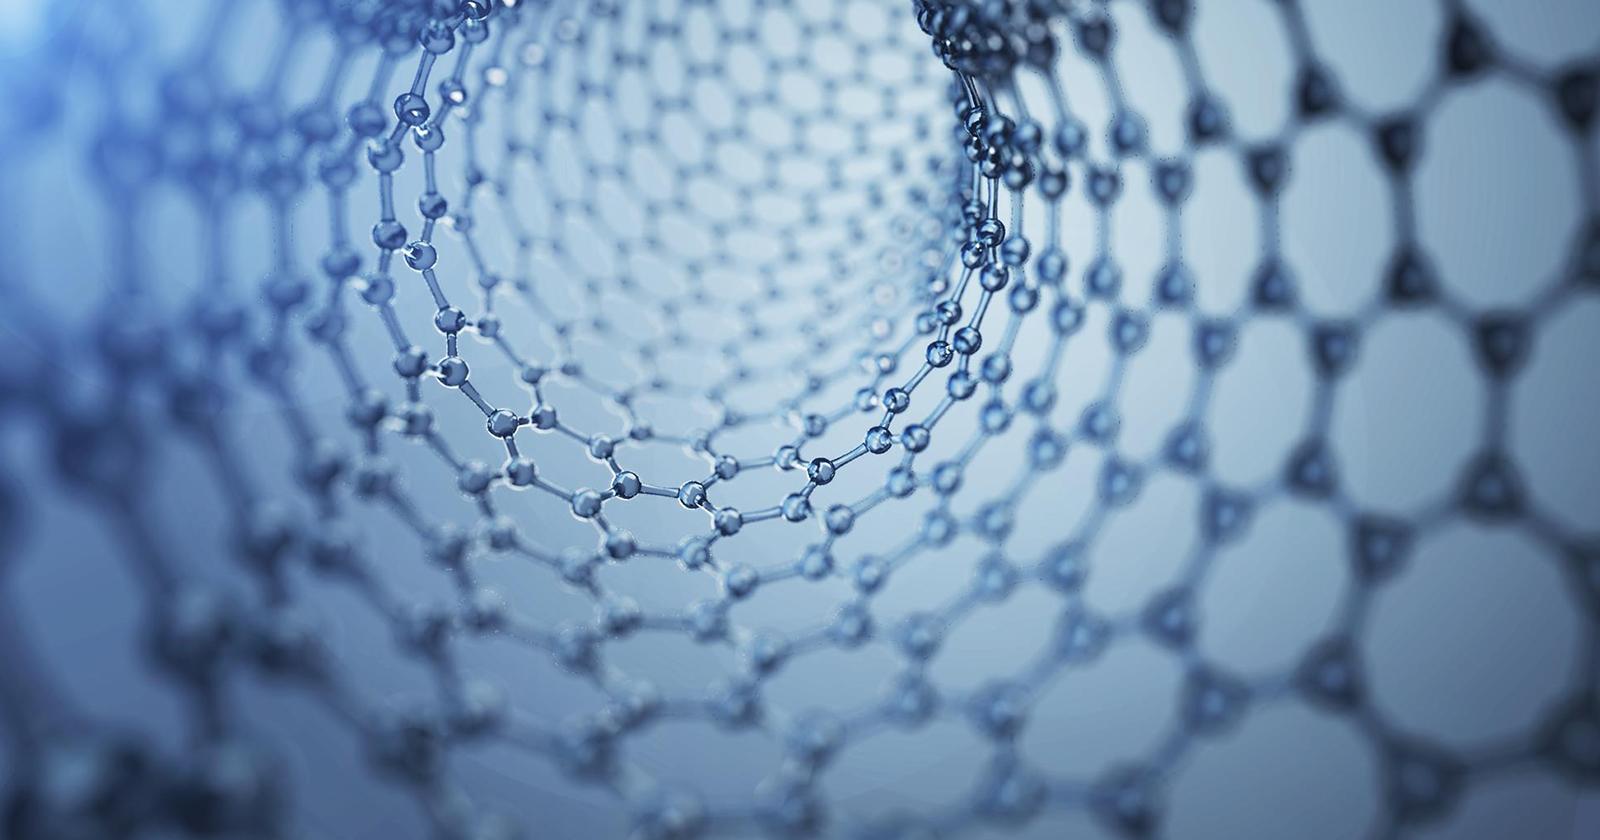 Area nanotenologia